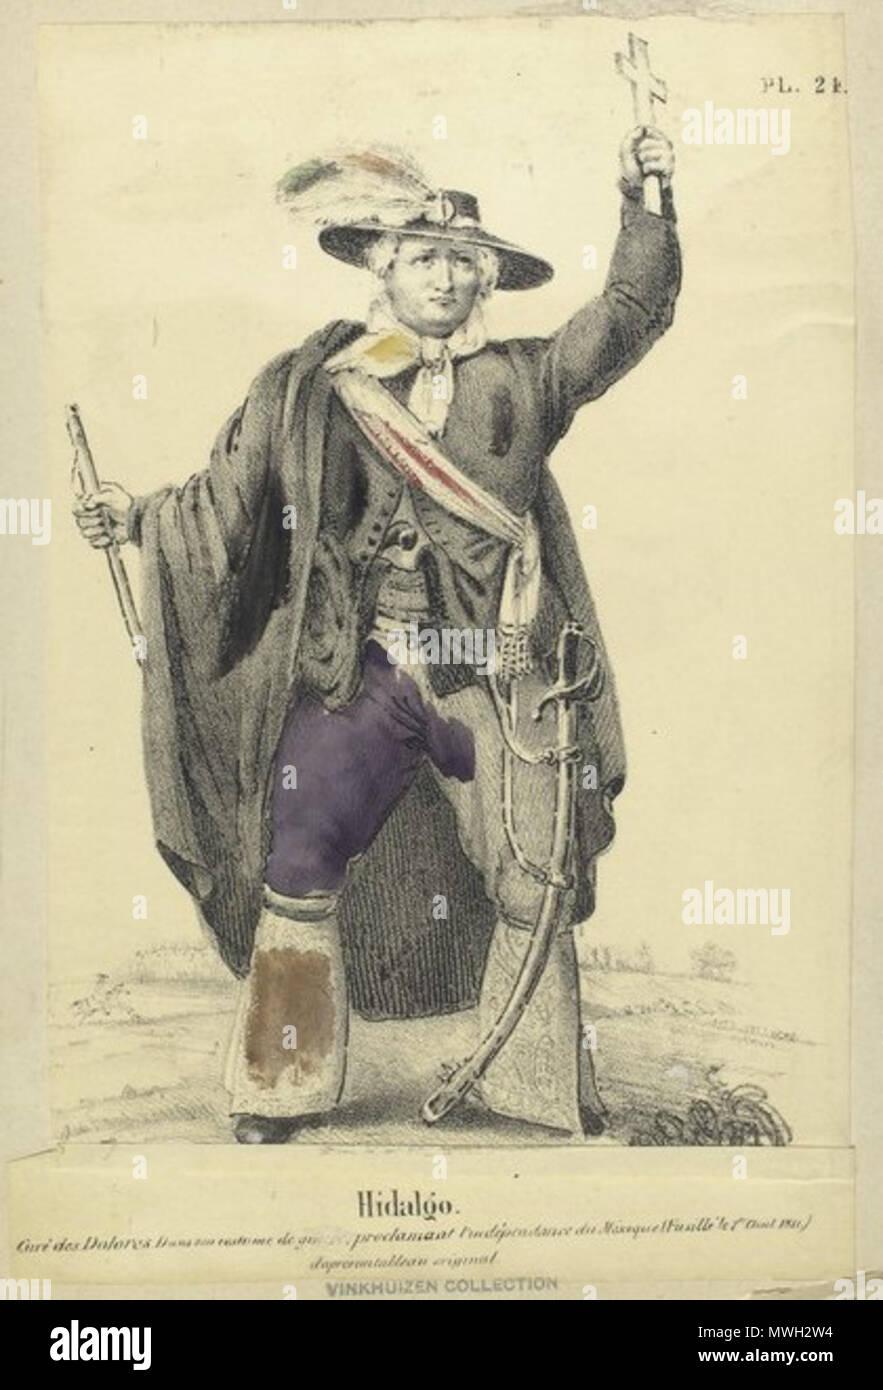 Inglés Miguel Hidalgo En Su Uniforme Militar Litografía